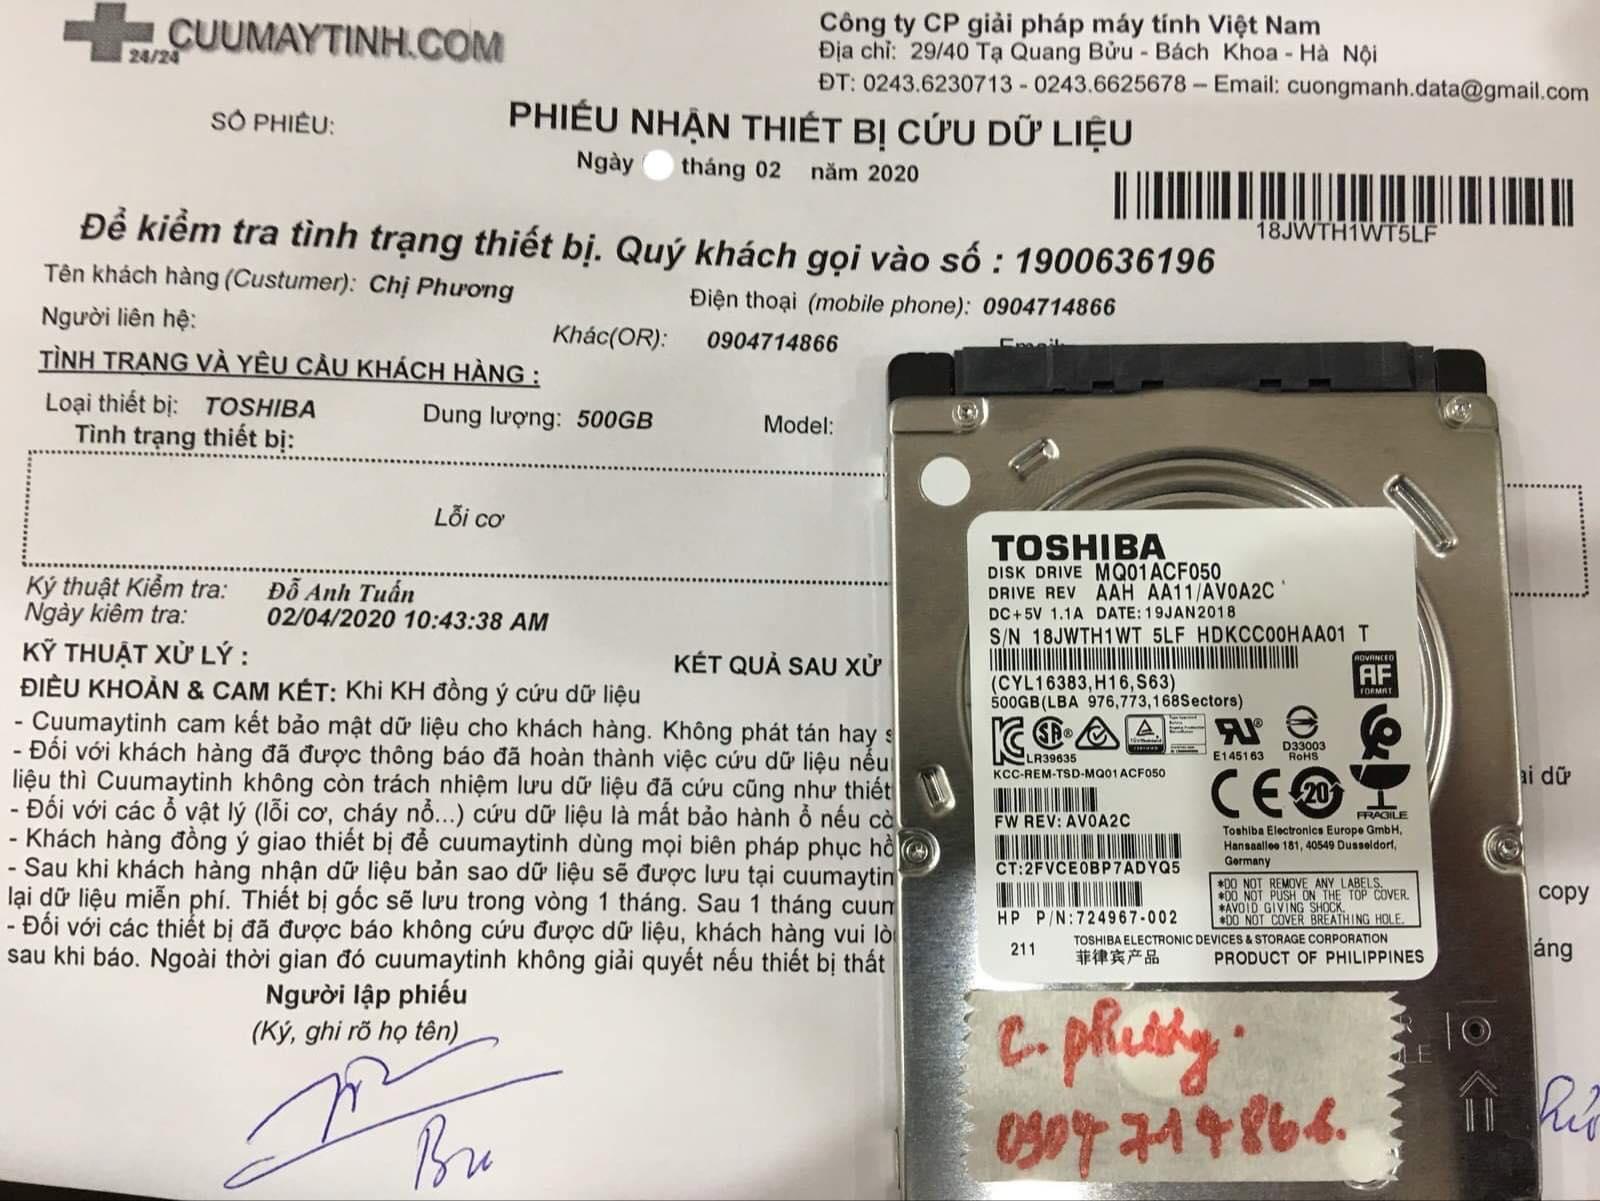 Cứu dữ liệu ổ cứng Toshiba 500GB lỗi cơ 07/02/2020 - cuumaytinh